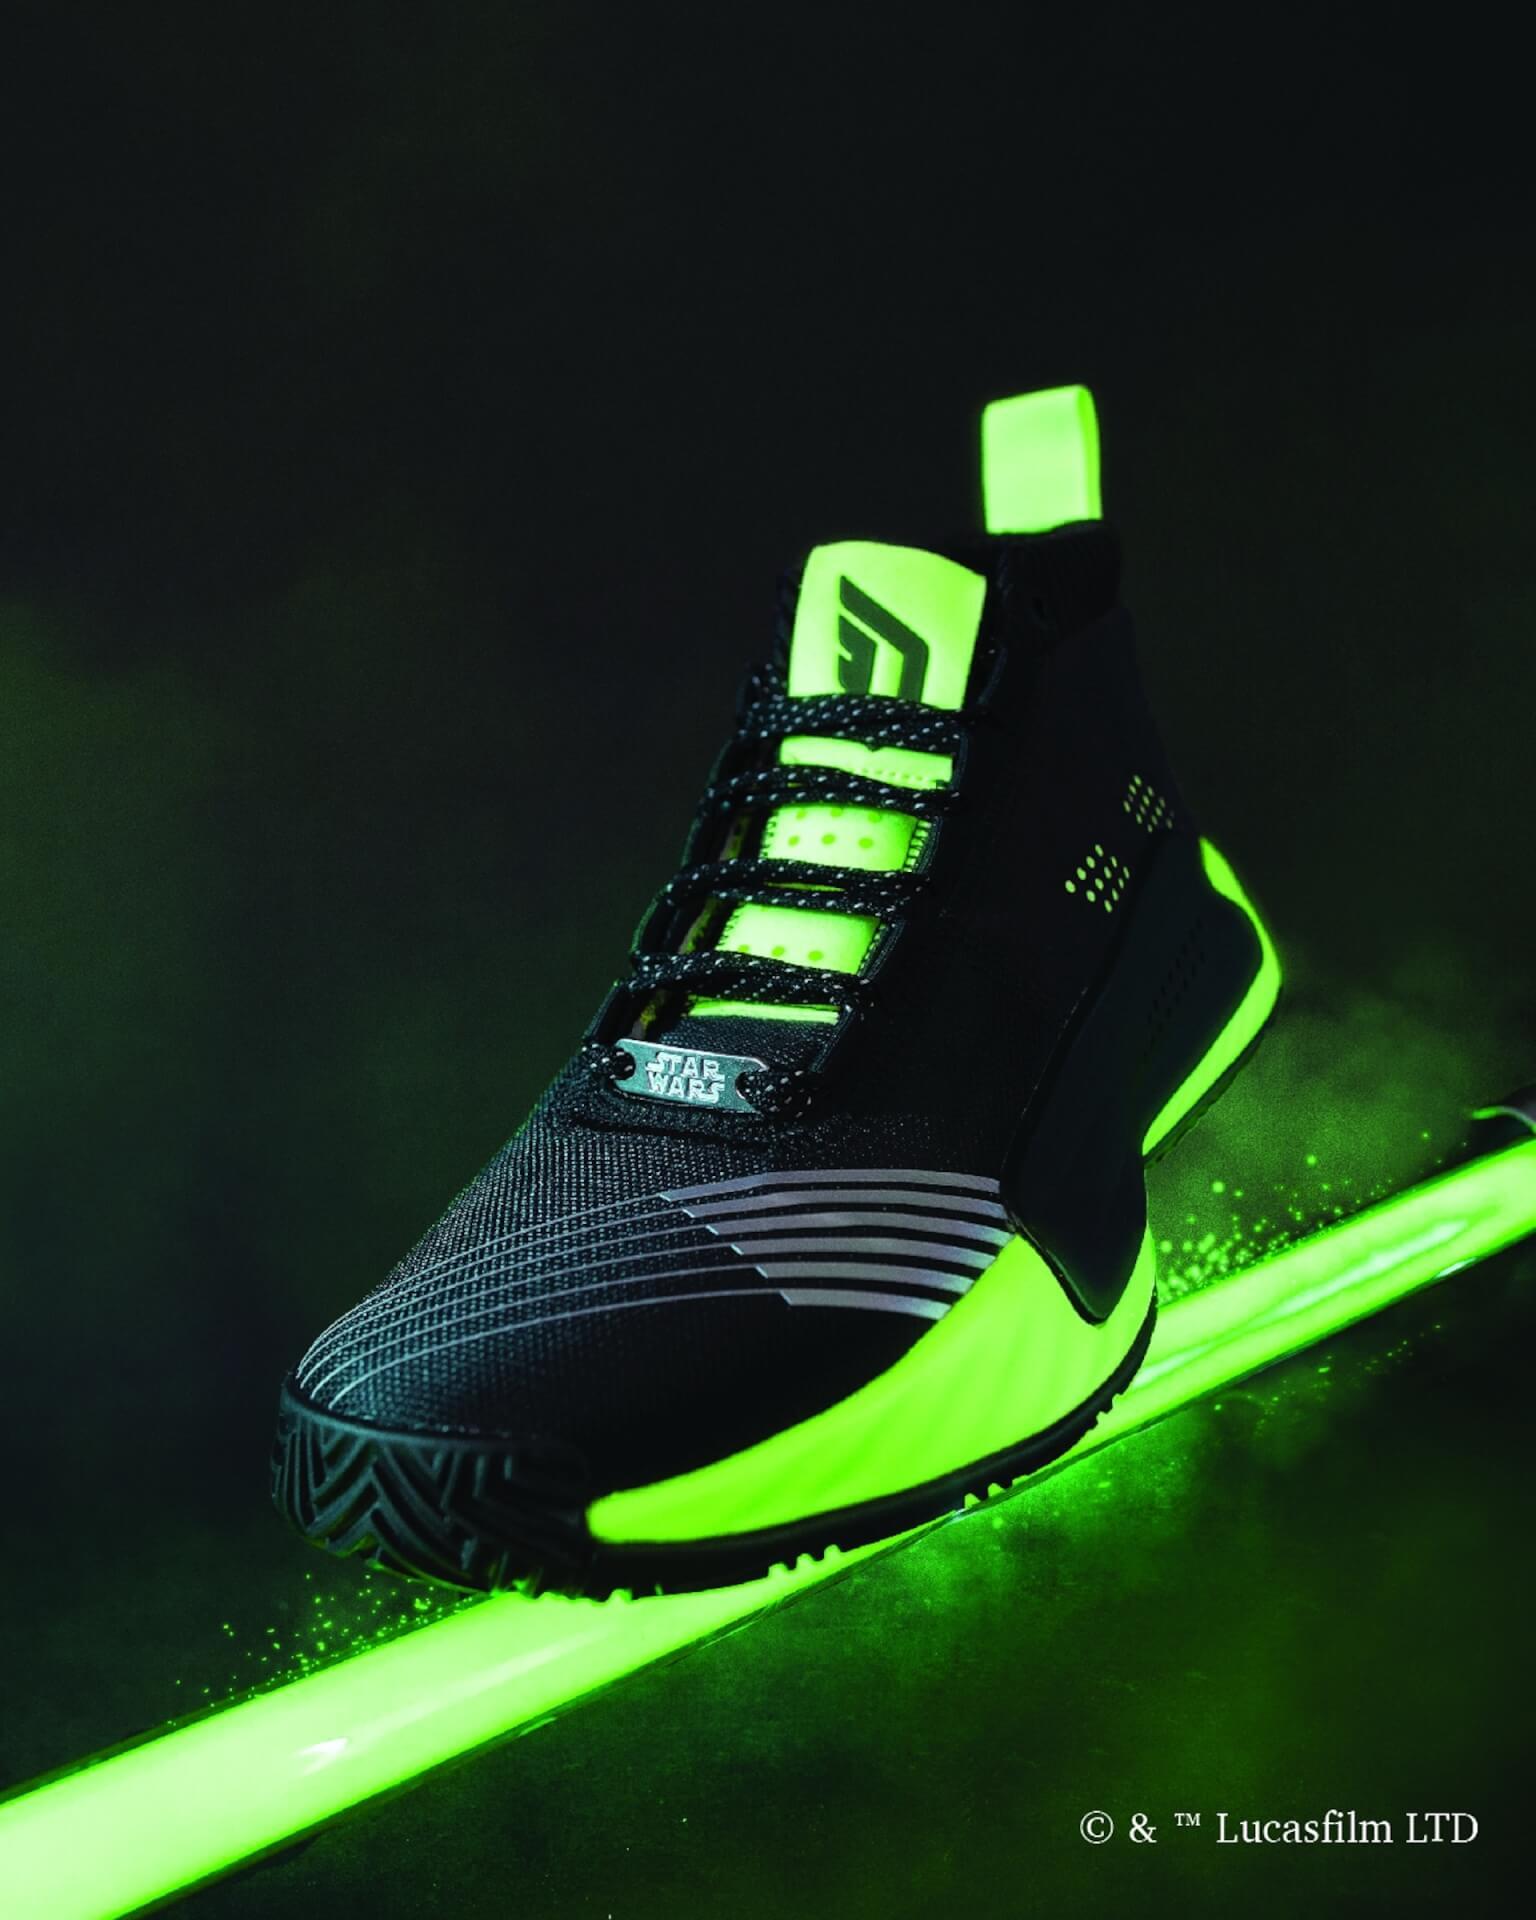 adidas「スター・ウォーズ」に登場するキャラクターやライトセーバーをモチーフにしたスニーカーを発売 life191029_starwars_adidas_18